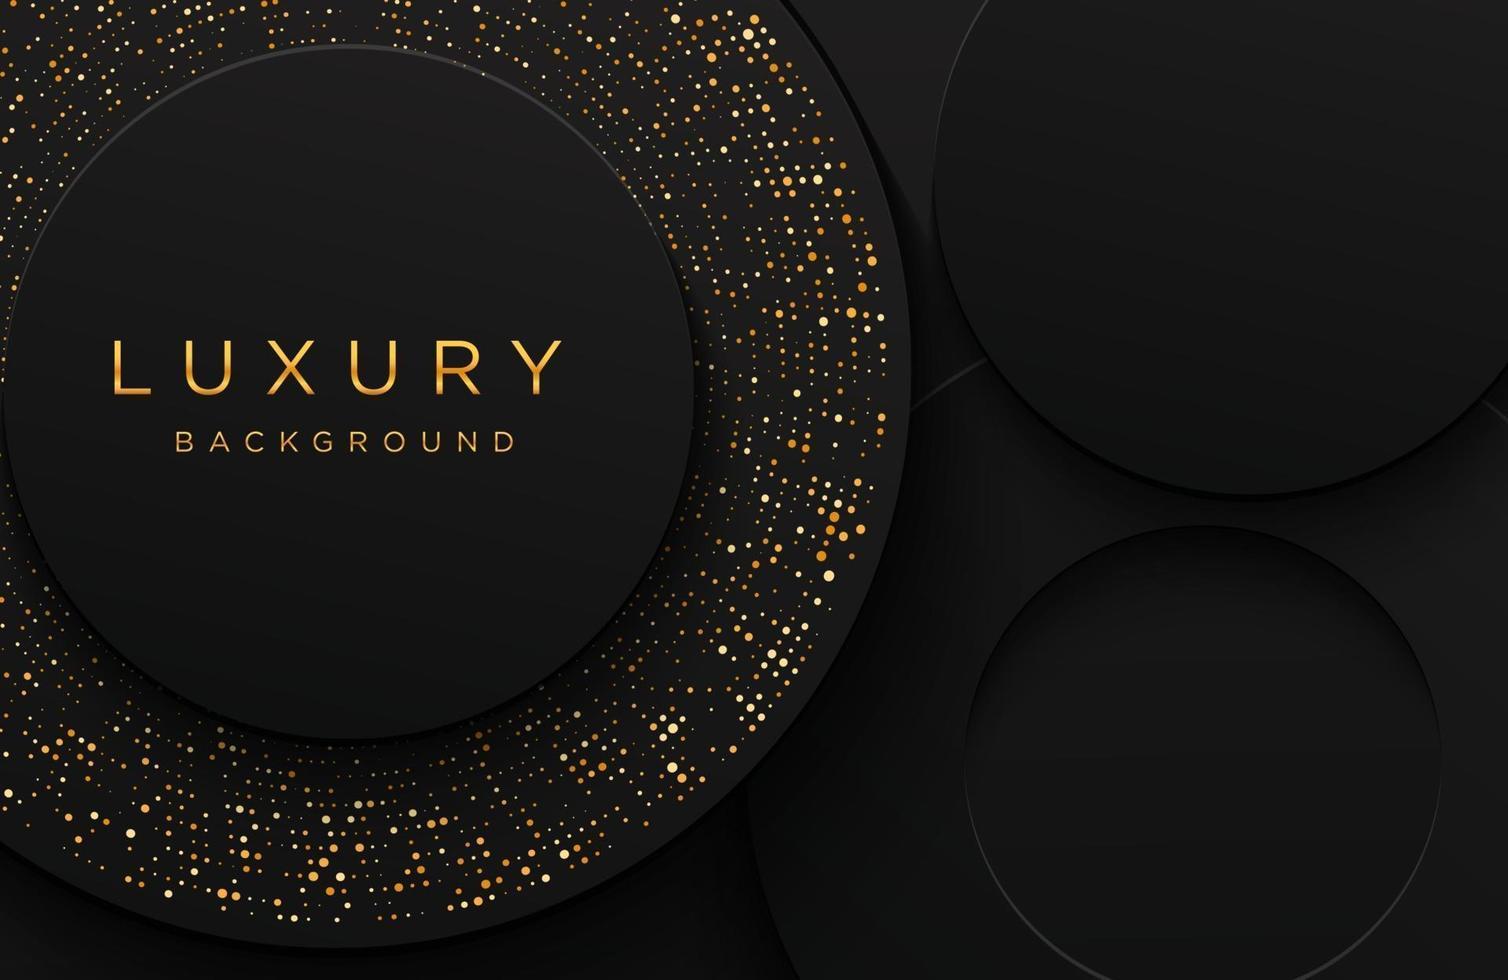 luxe elegante 3D-vorm achtergrond met glinsterende goud gestippelde patroon geïsoleerd op zwart. abstracte realistische papercut achtergrond. elegante sjabloon vector